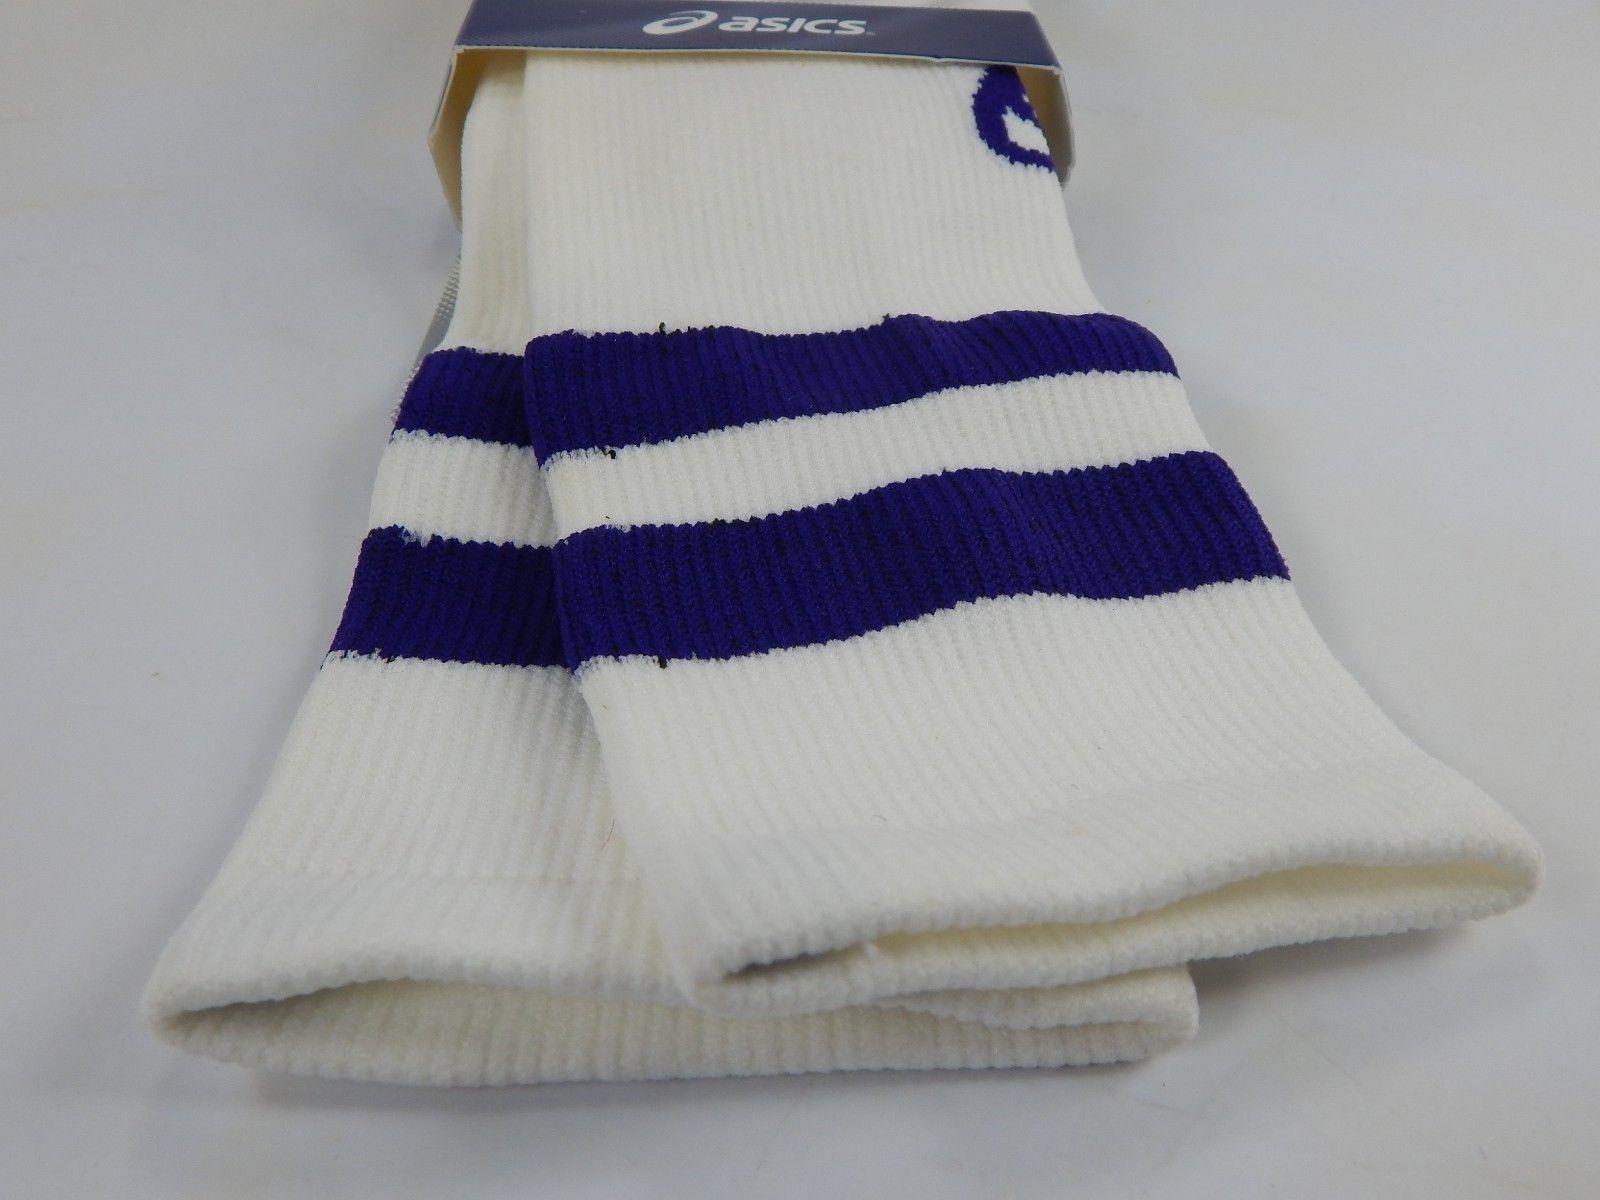 Asics Old School Knee High Socks White S Small Women's Size: 6-7.5 Men's 4.5-6.5